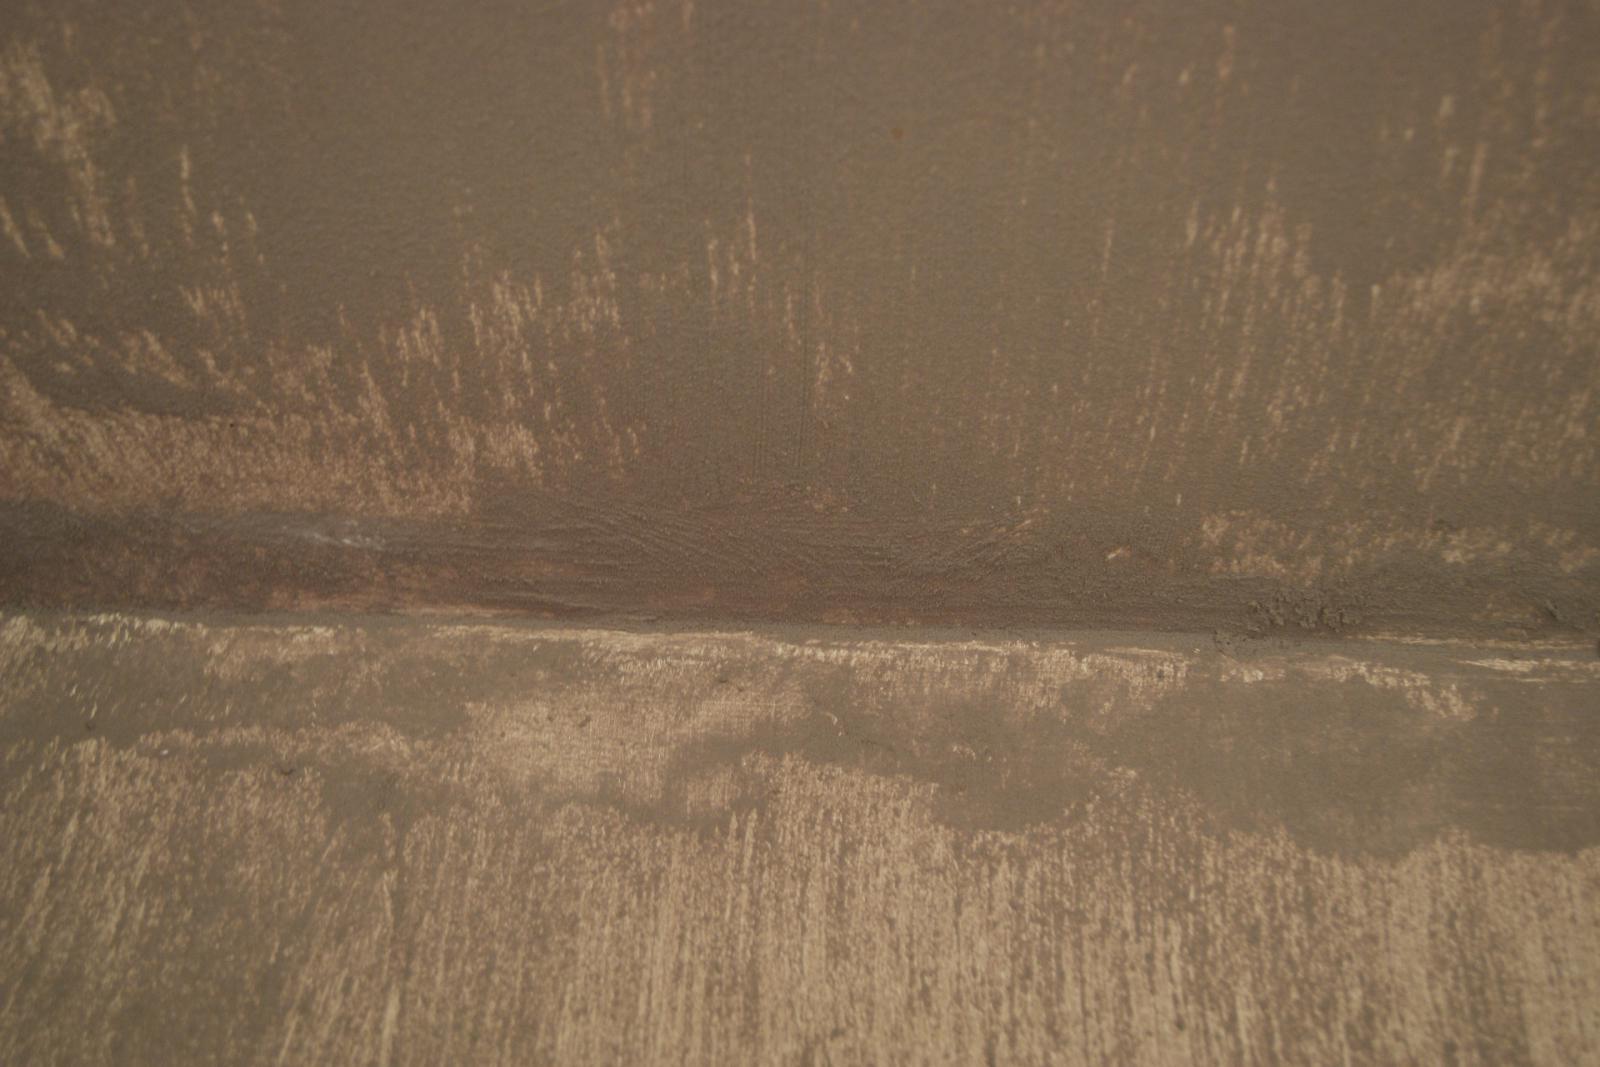 Bien Comment Rendre Un Mur Lisse #12: Bricoleur Du Dimanche